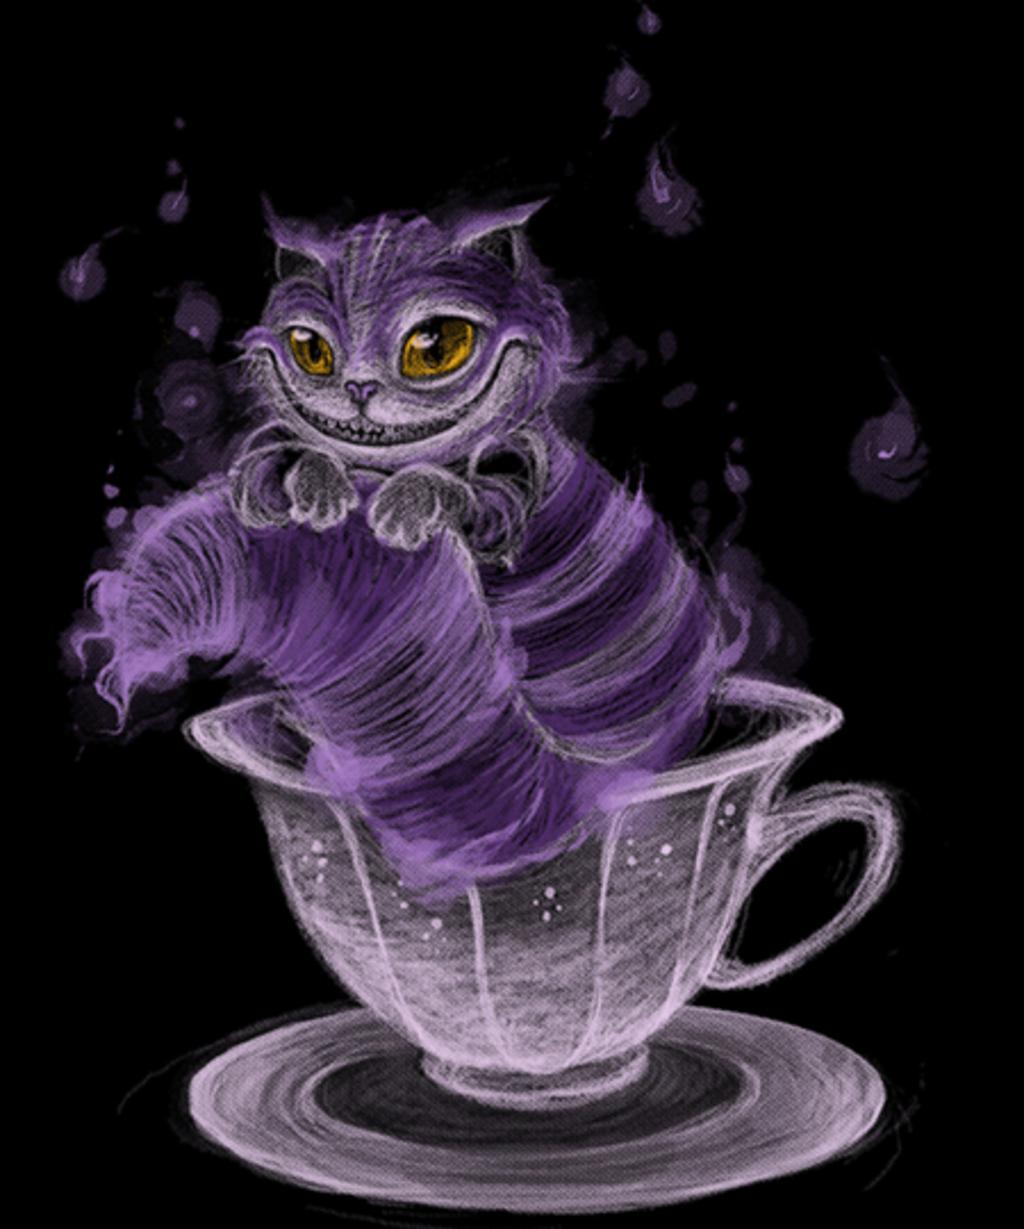 Qwertee: A cup of tea?